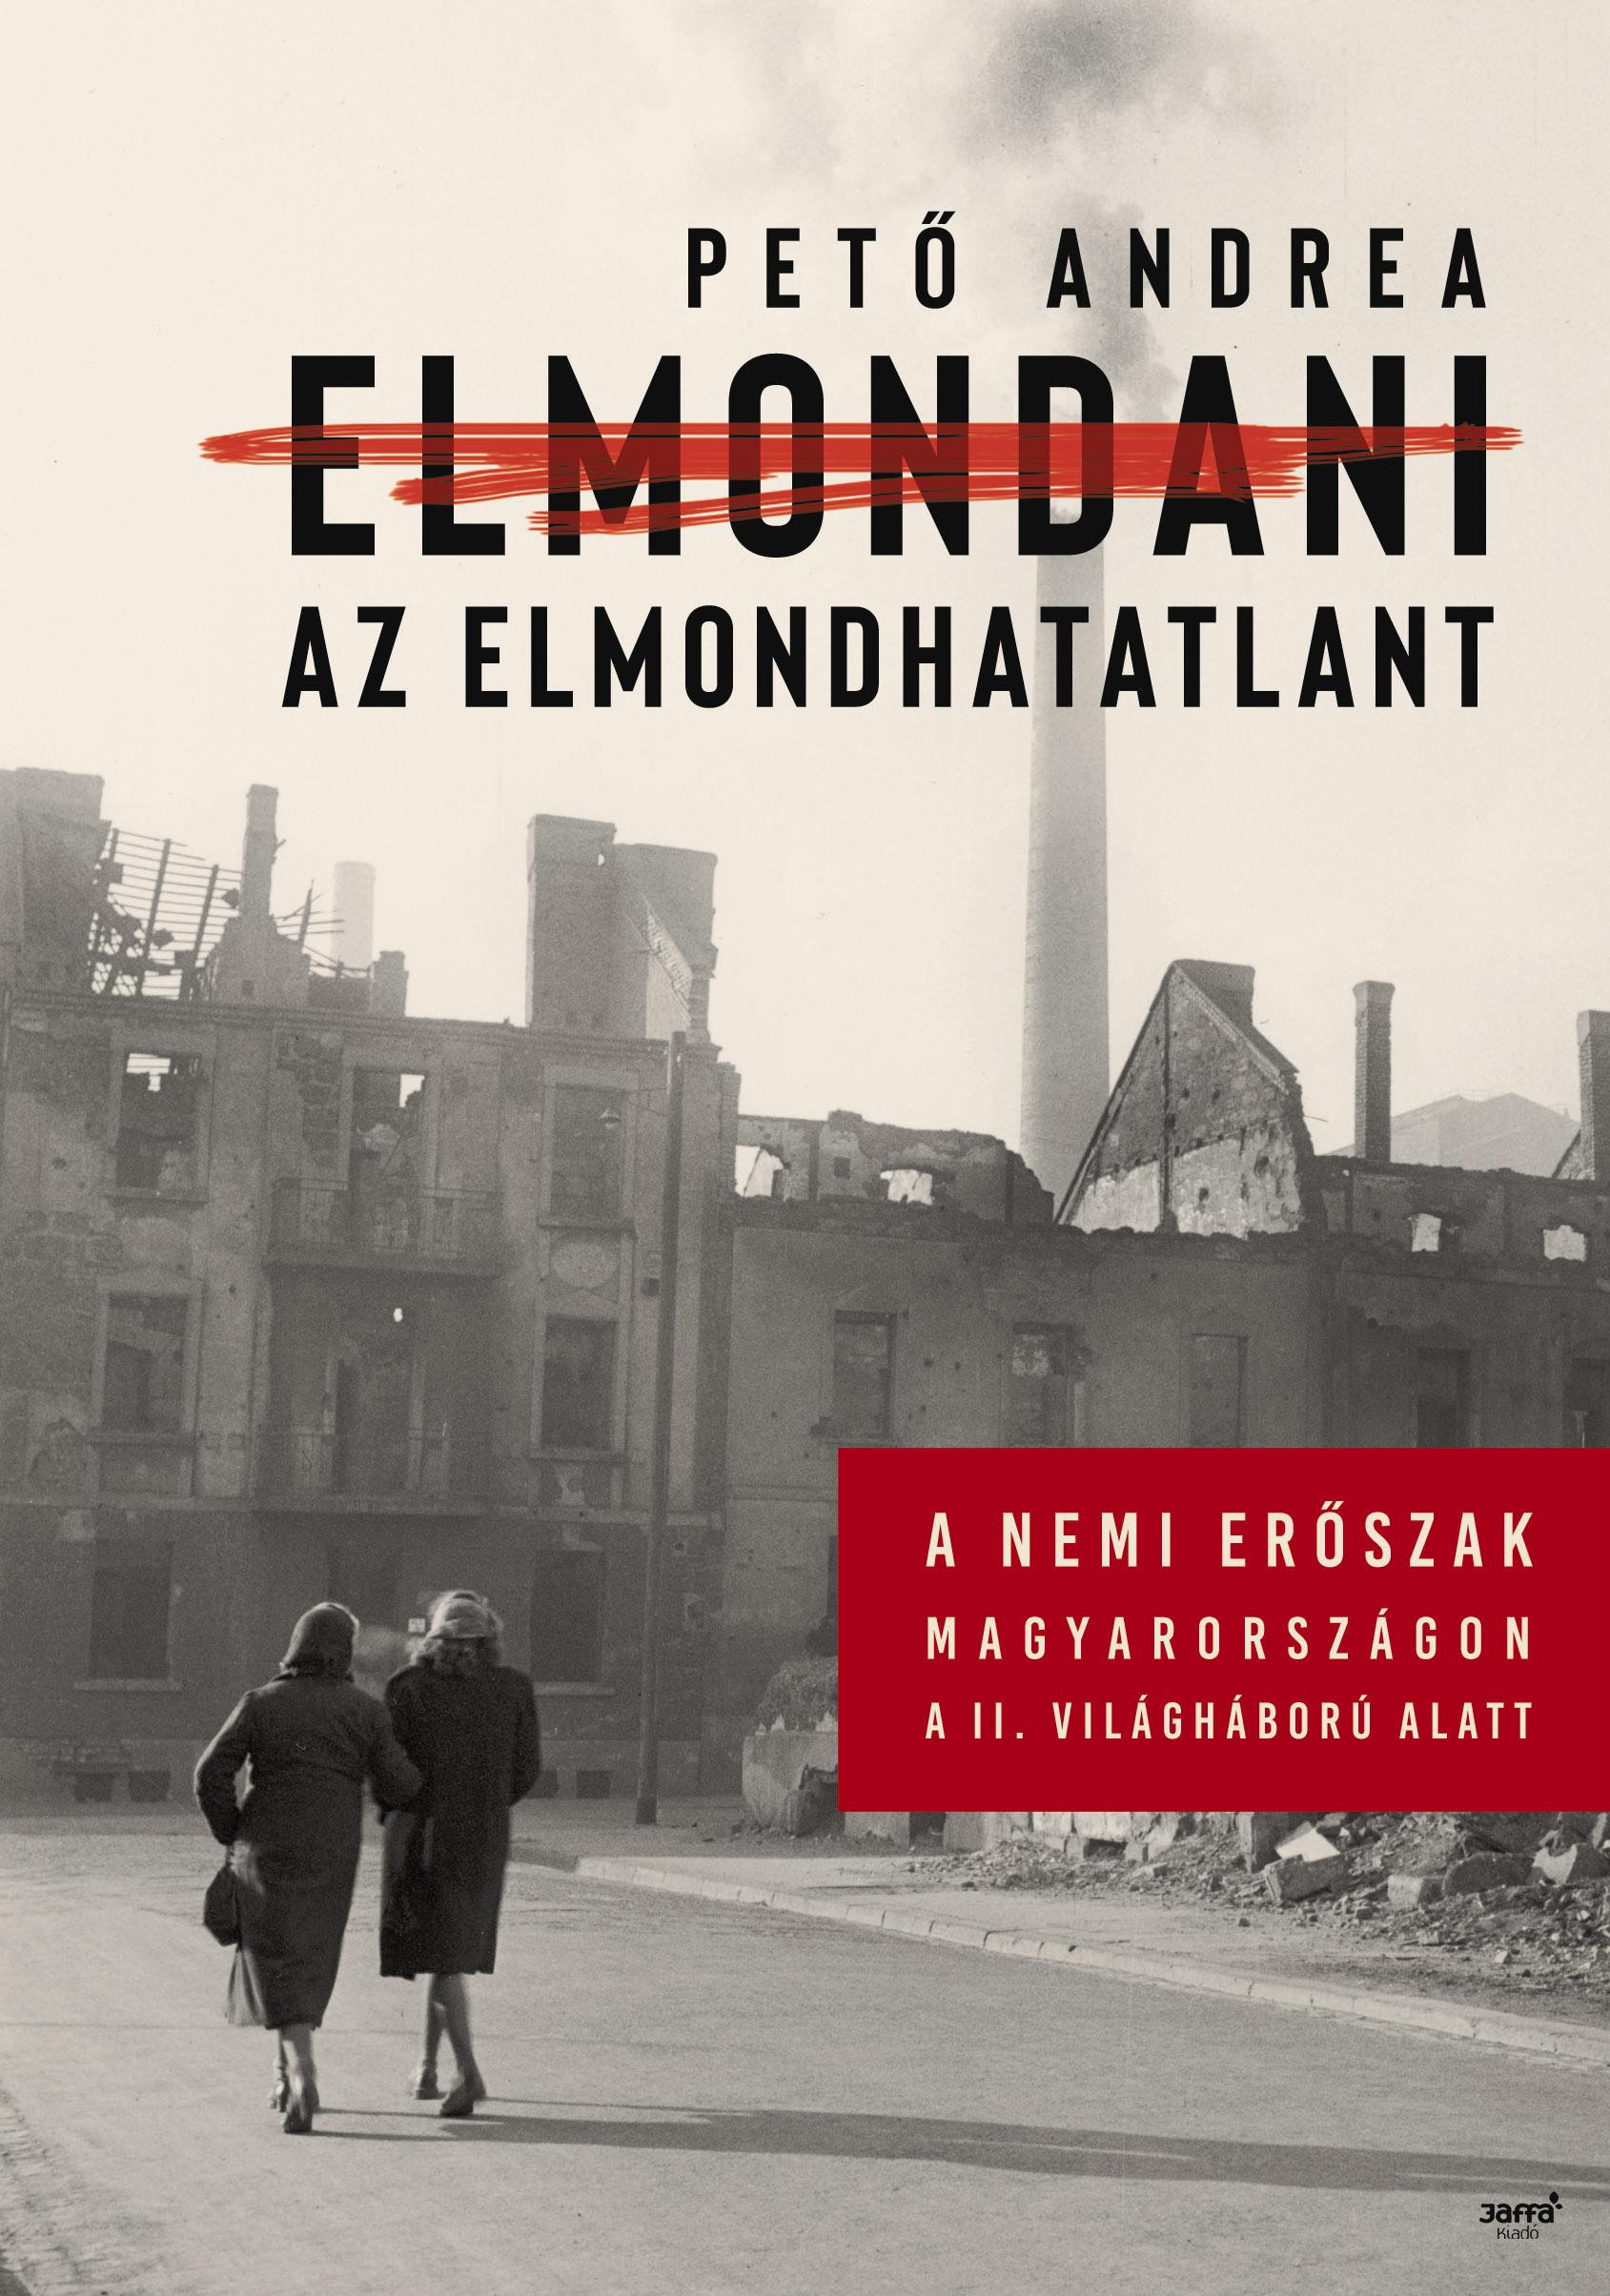 Pető Andrea: Elmondani az elmondhatatlant – A nemi erőszak Magyarországon a II. Világháború alatt. Budapest, 2018. Jaffa Kiadó.